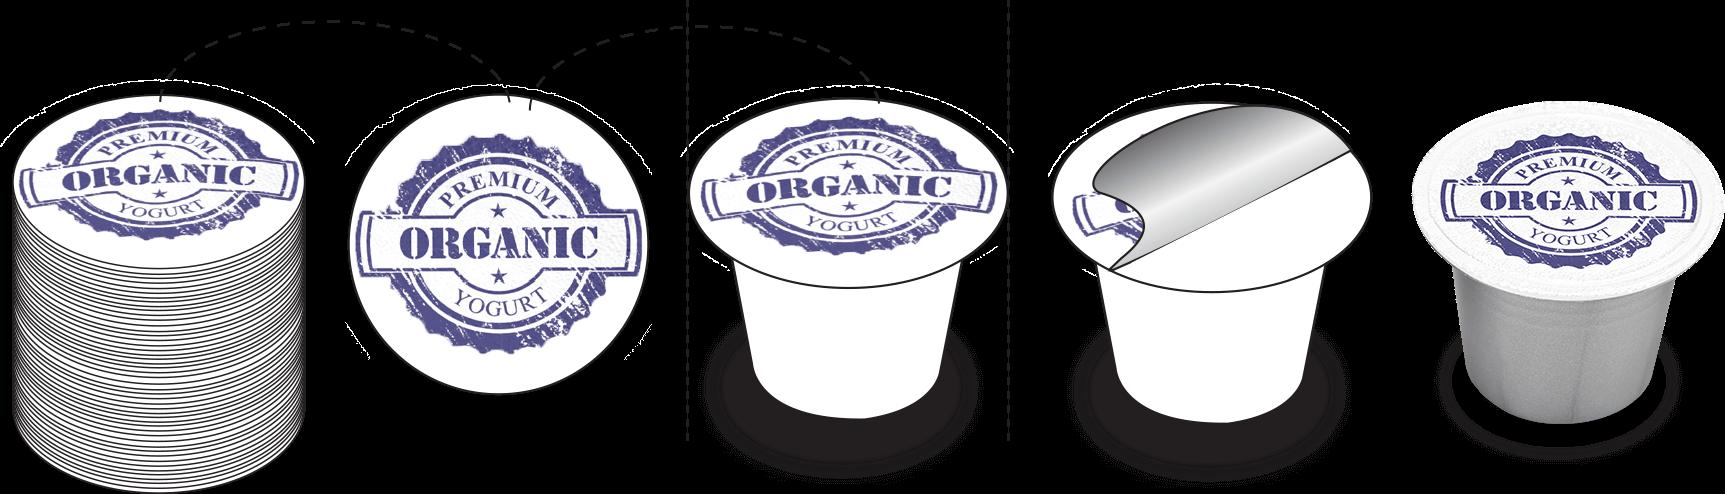 Premium Organic Yogurt